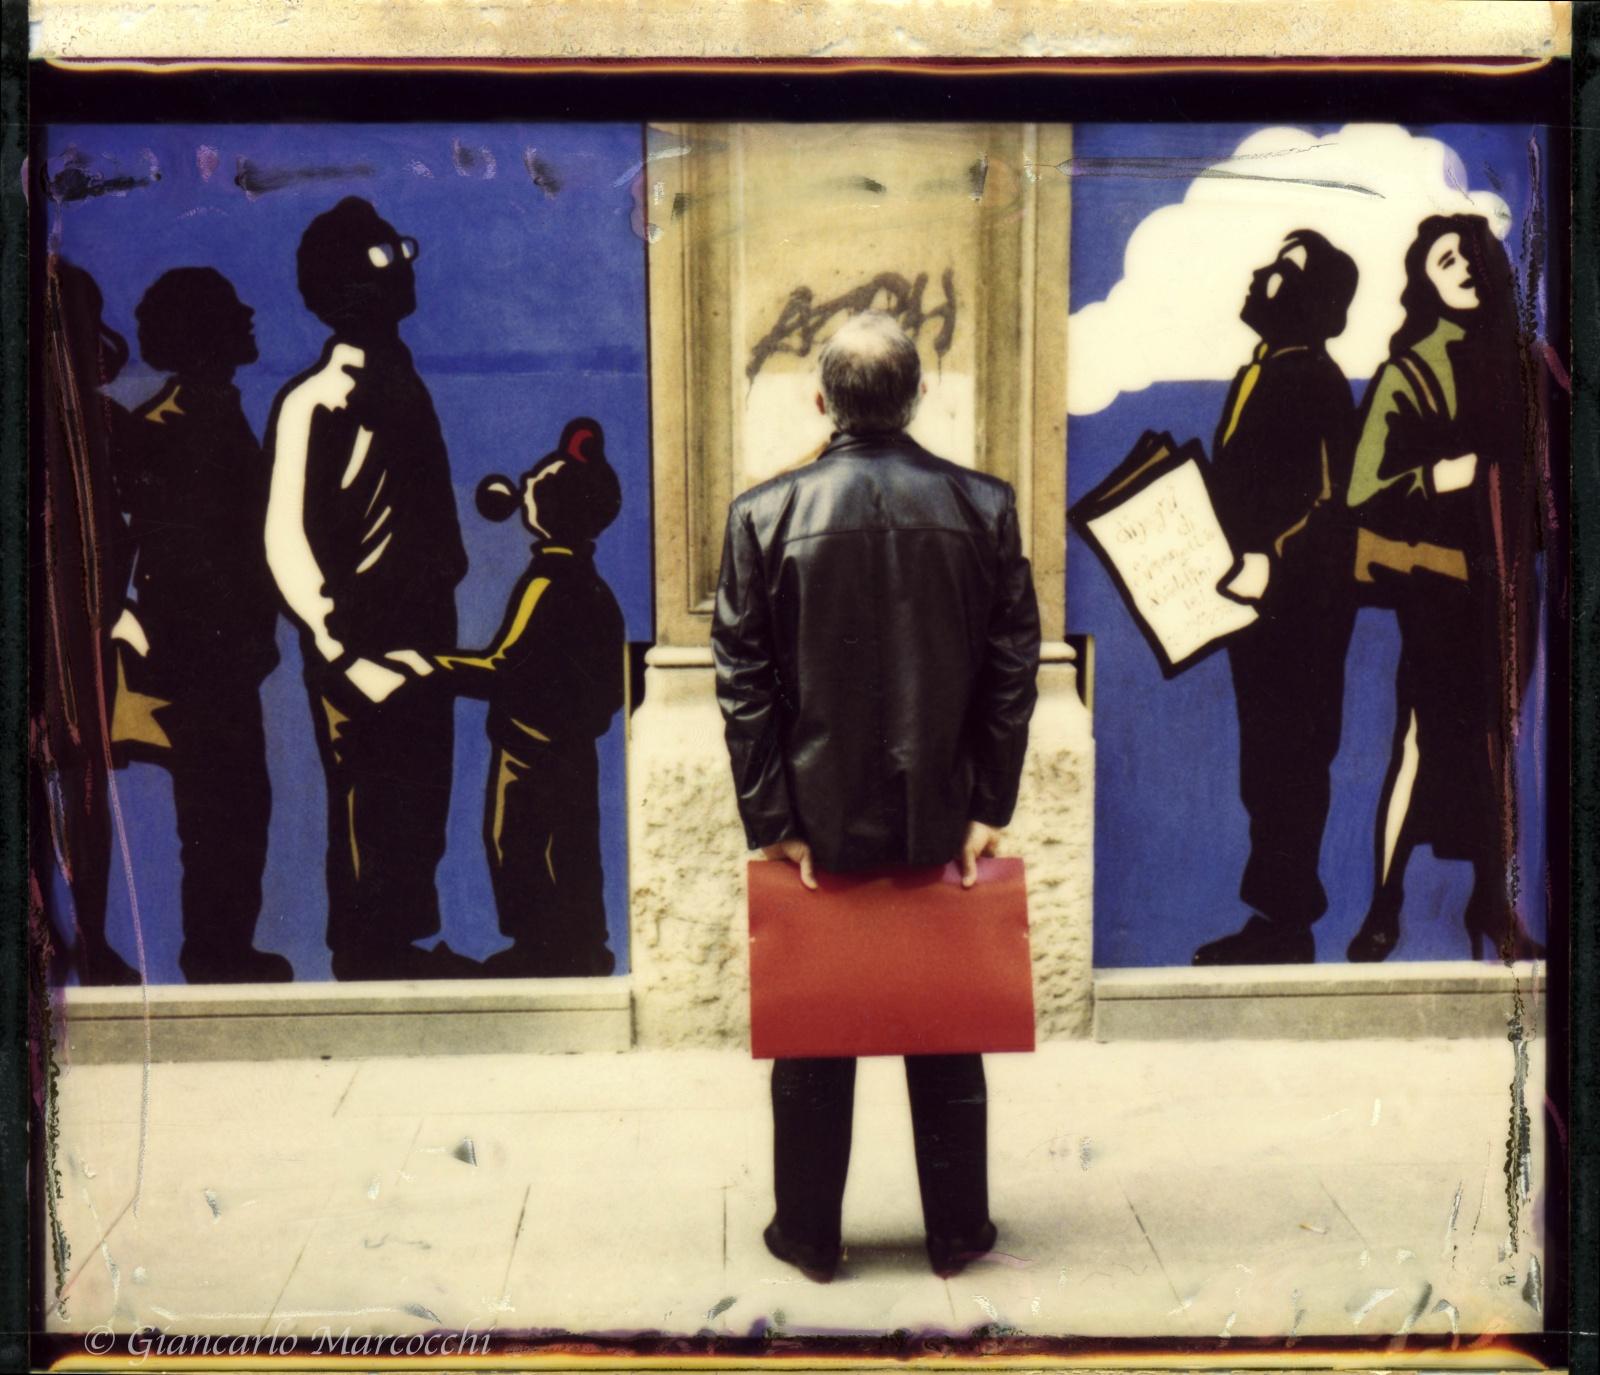 Milano in polaroid